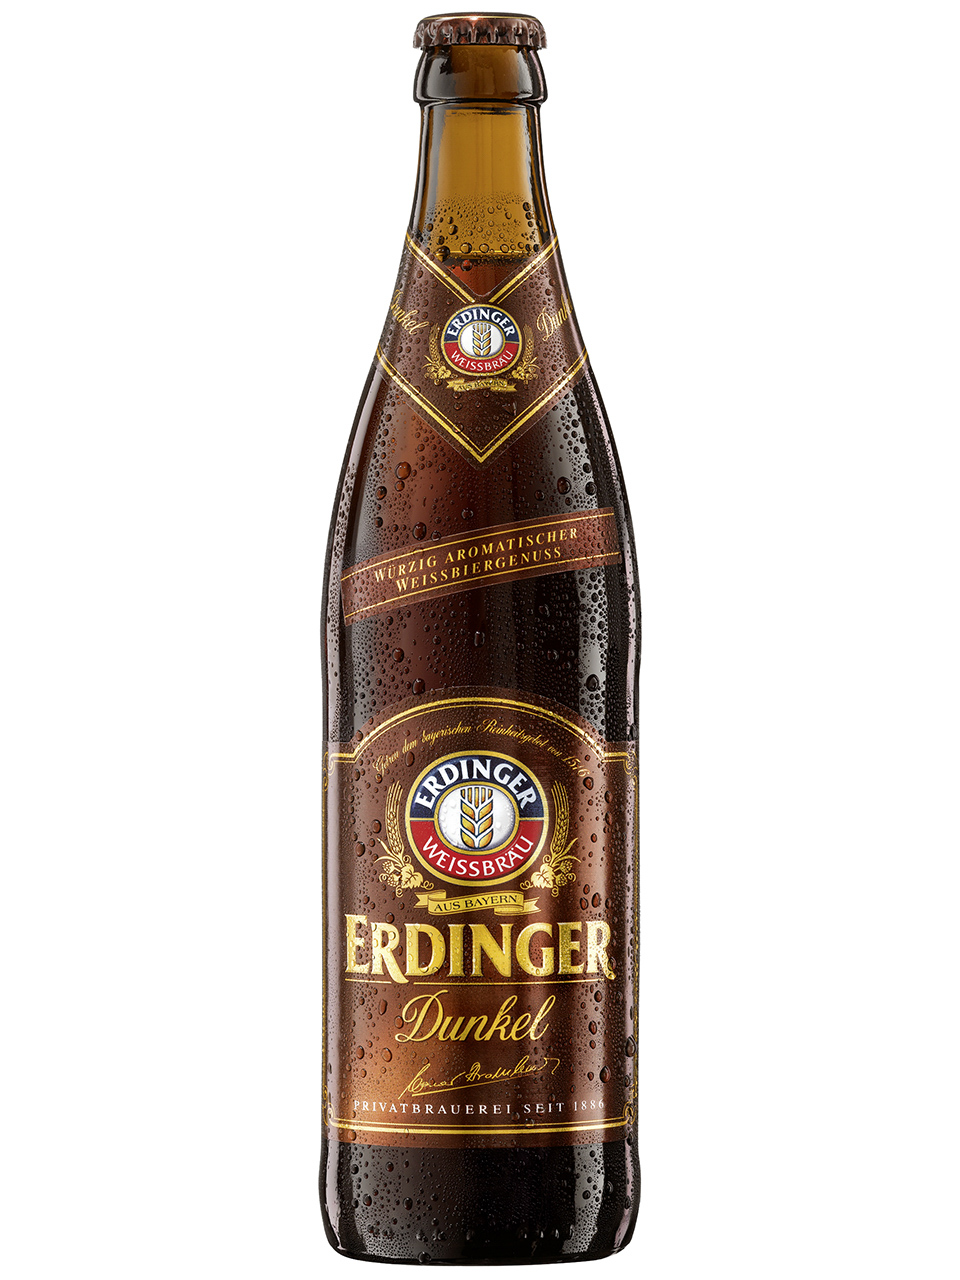 Erdinger Dunkel Weissbier 500ml Bottle